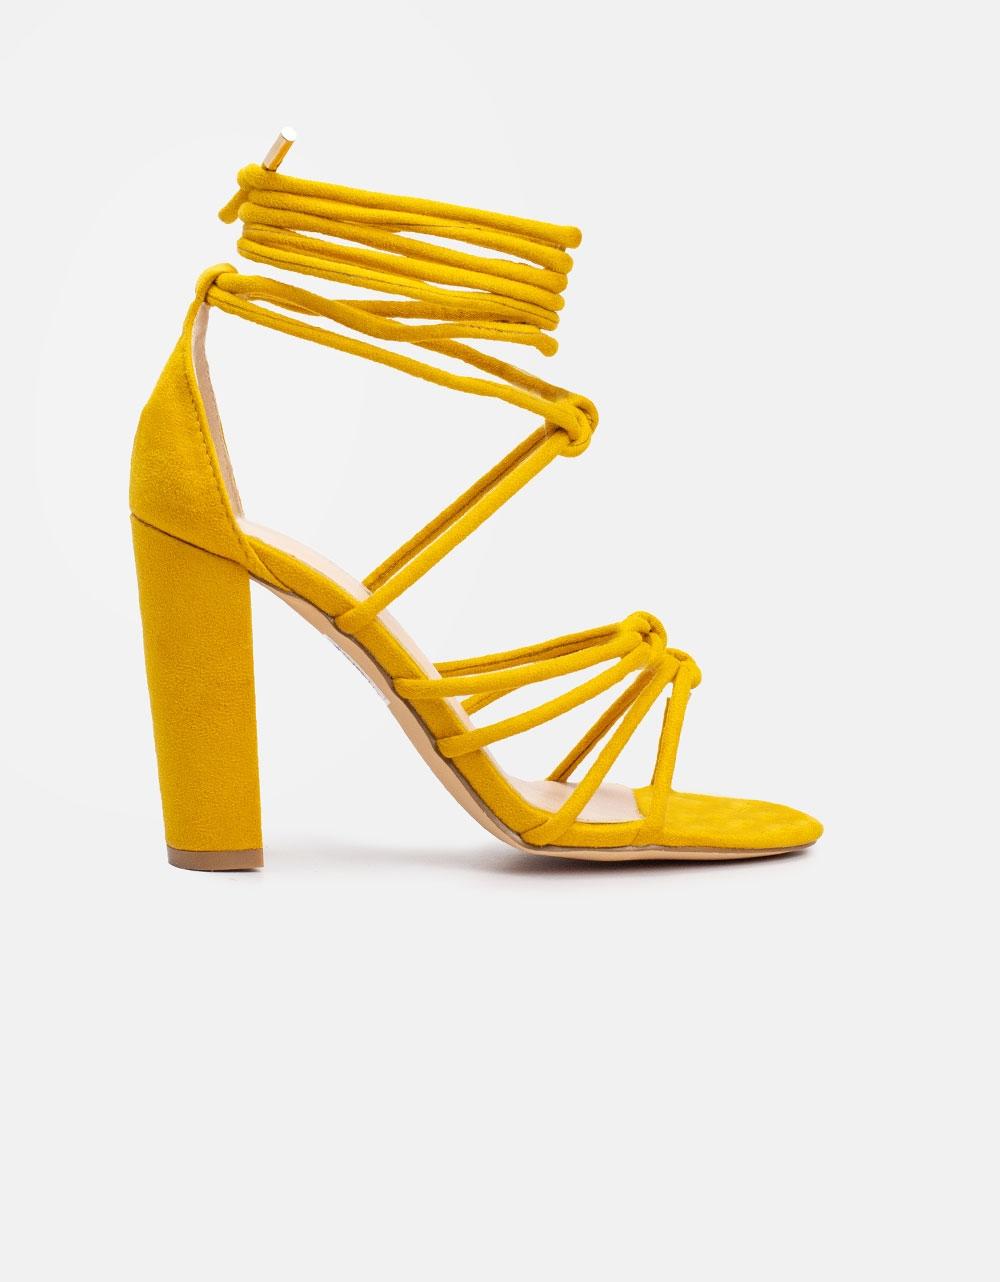 Εικόνα από Γυναικεία suede πέδιλα lace up Κίτρινο